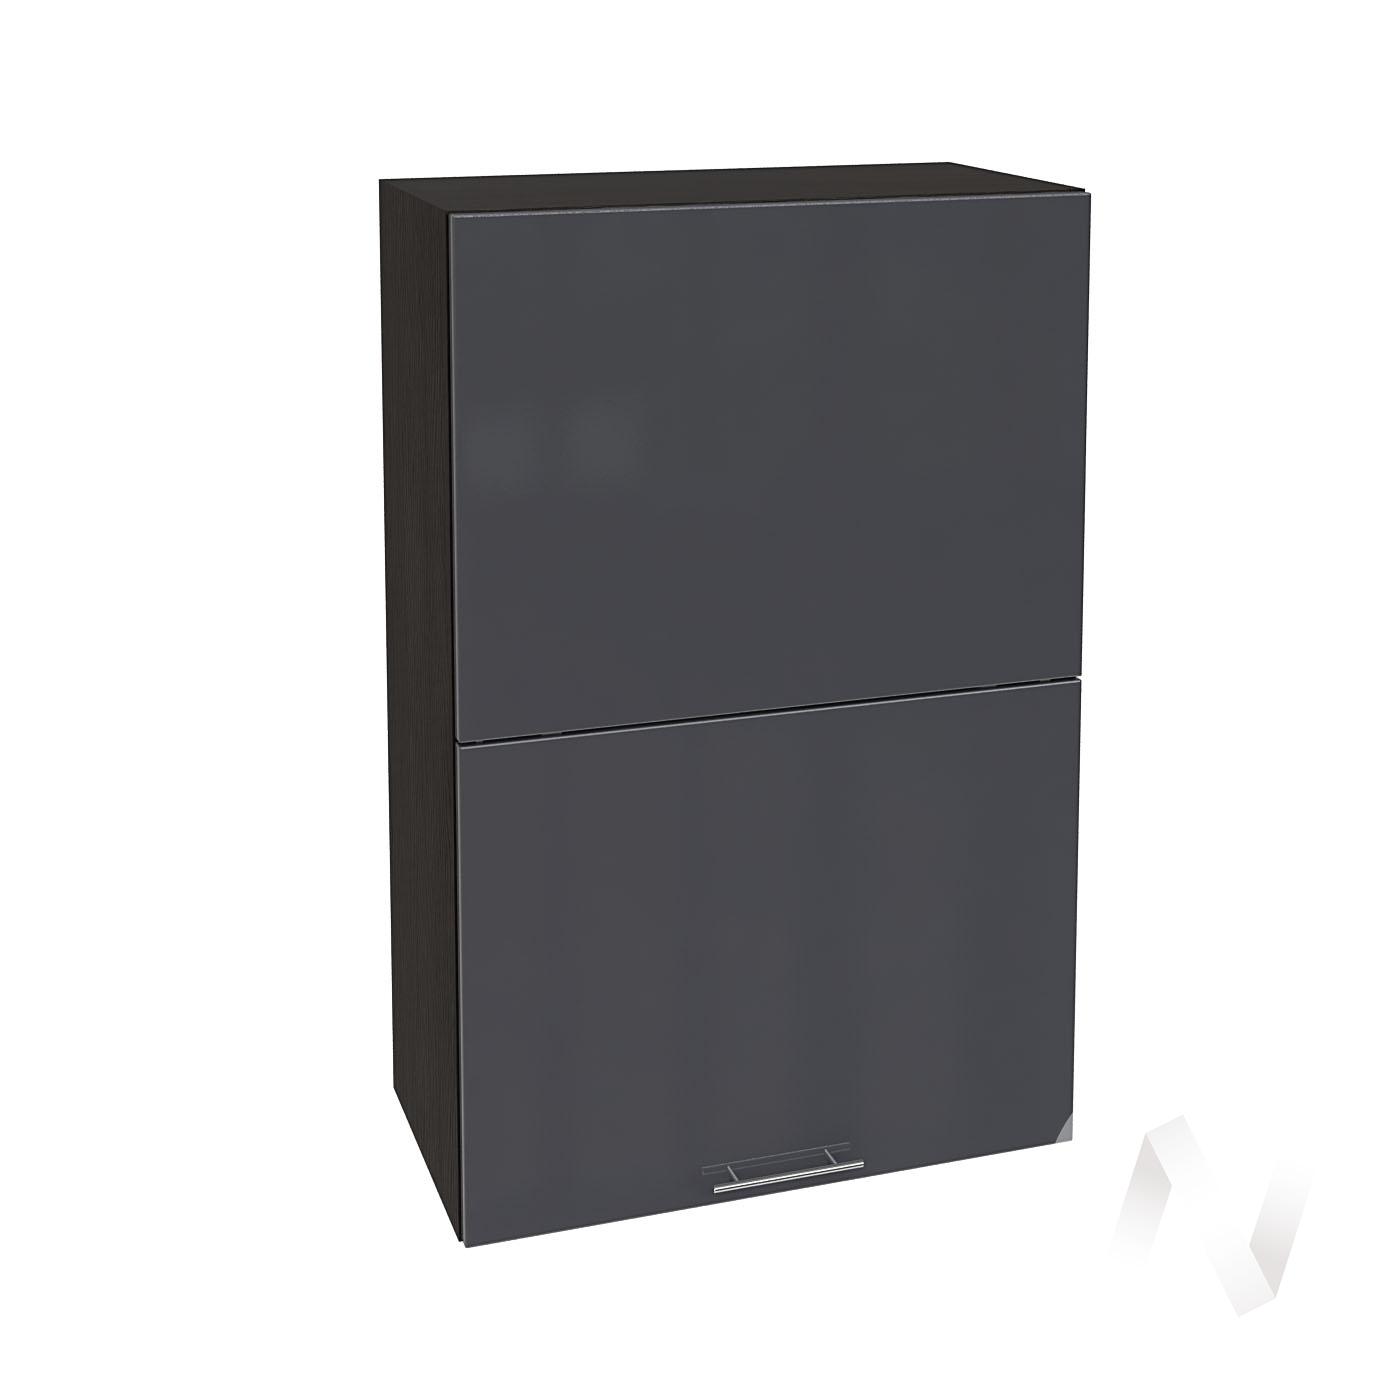 """Кухня """"Валерия-М"""": Шкаф верхний горизонтальный 602, ШВГ 602 (Антрацит глянец/корпус венге)"""